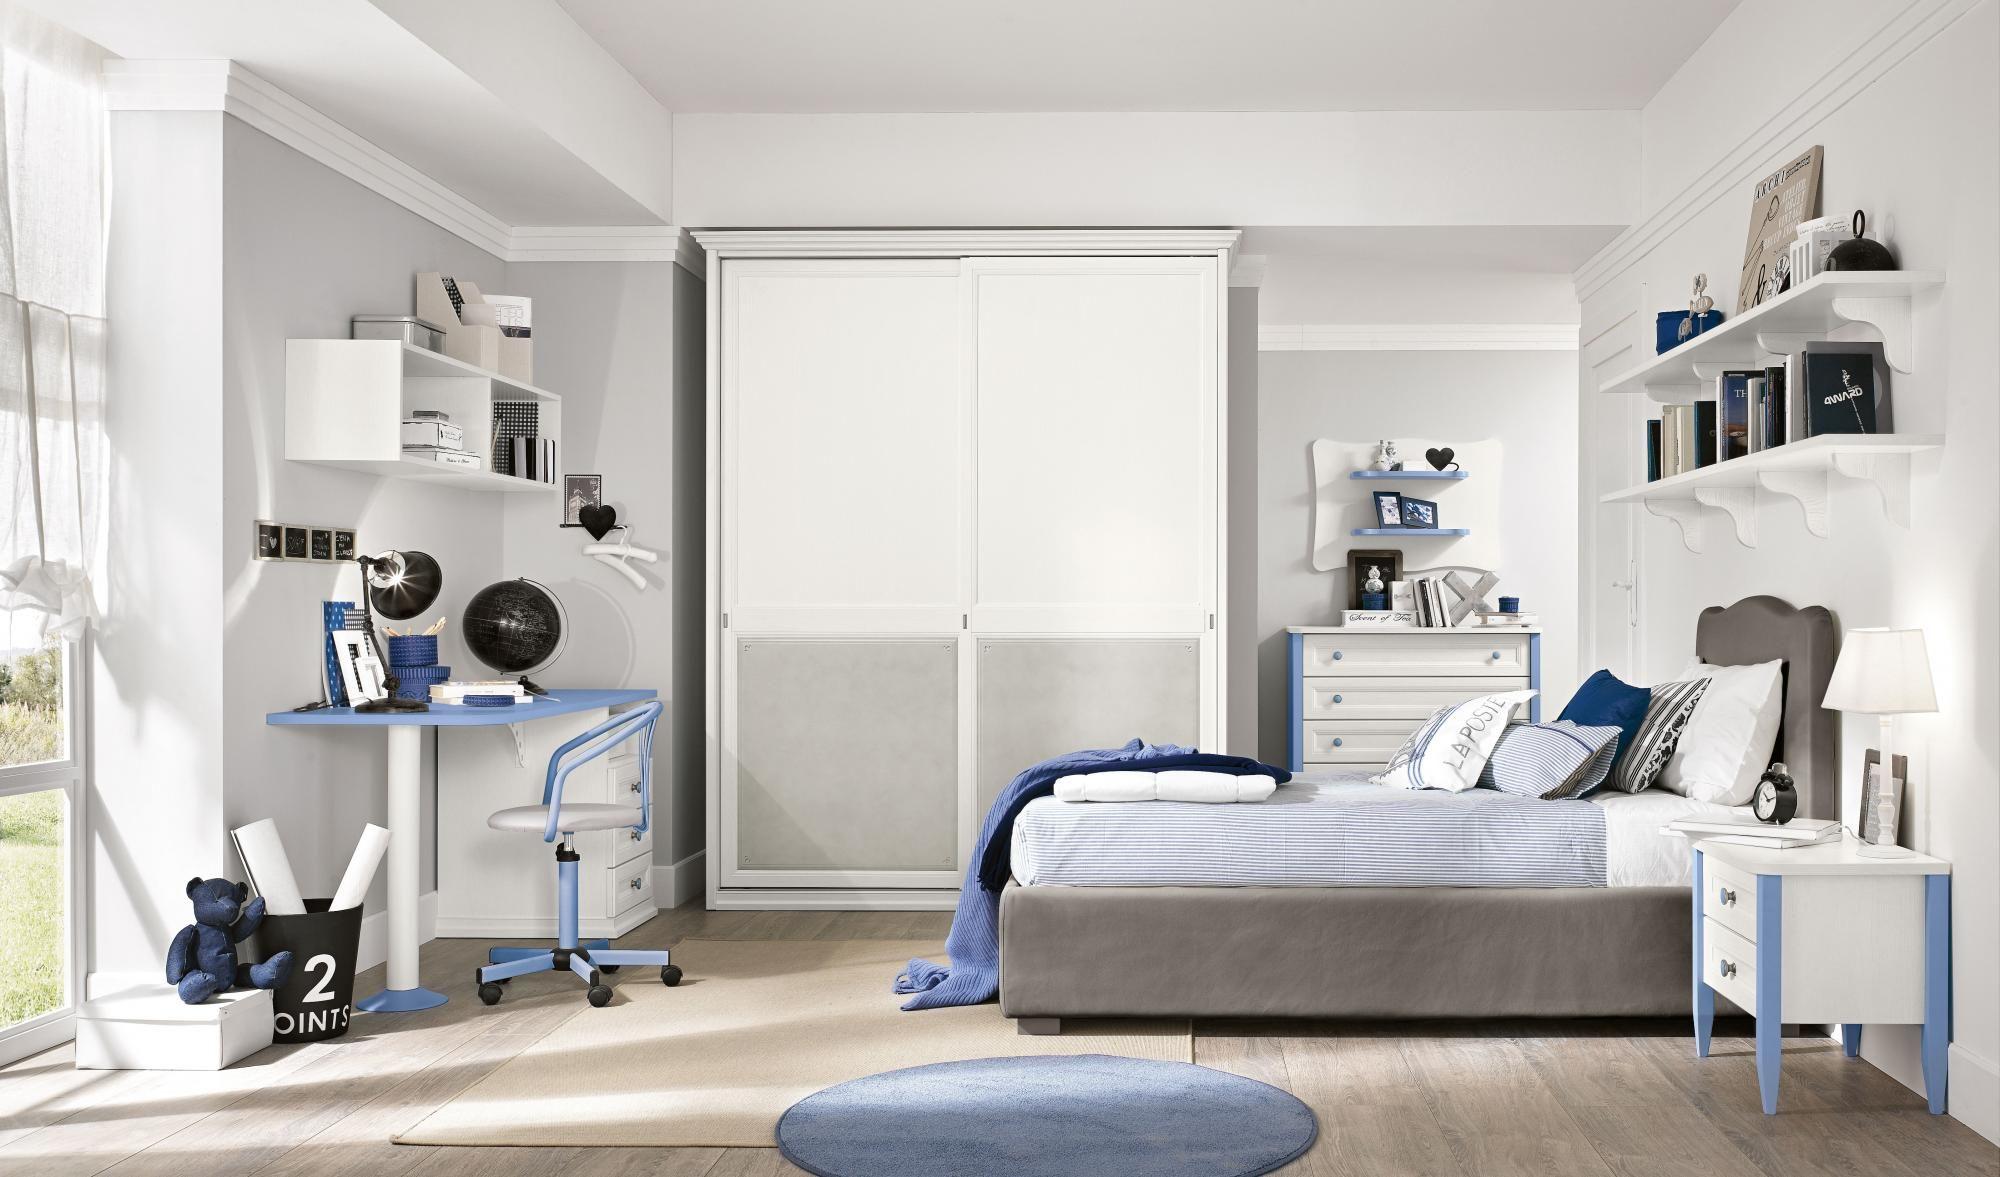 Camerette Classiche Moderne.Pin Su Camerette Per Bambini Childrens Bedroom